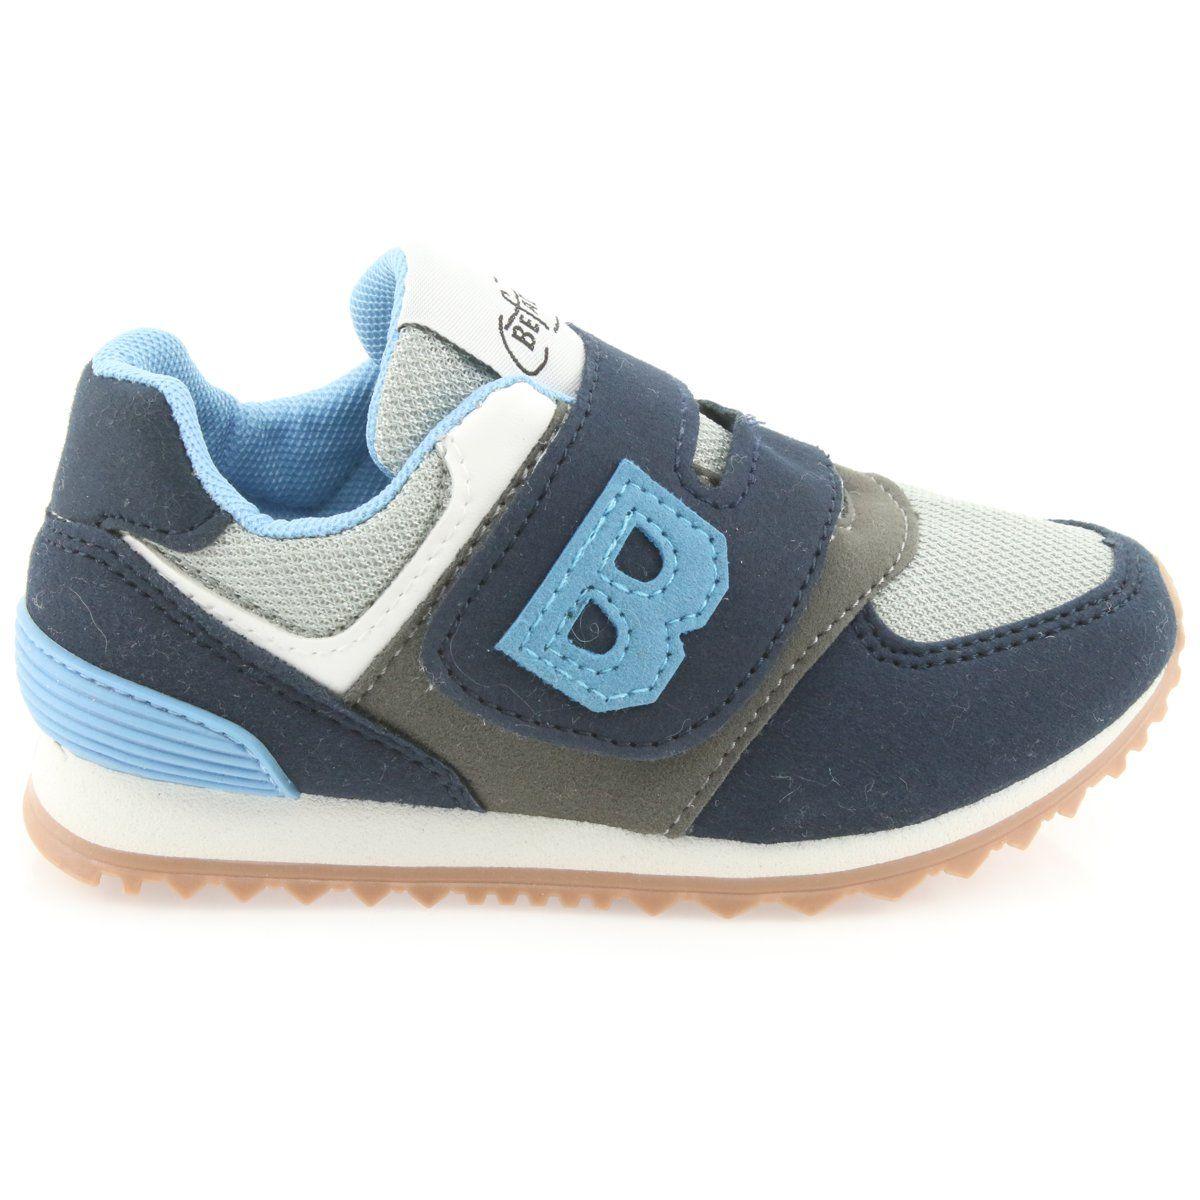 Befado Obuwie Dzieciece Do 23 Cm 516y041 Niebieskie Szare Granatowe Saucony Sneaker Baby Shoes Shoes